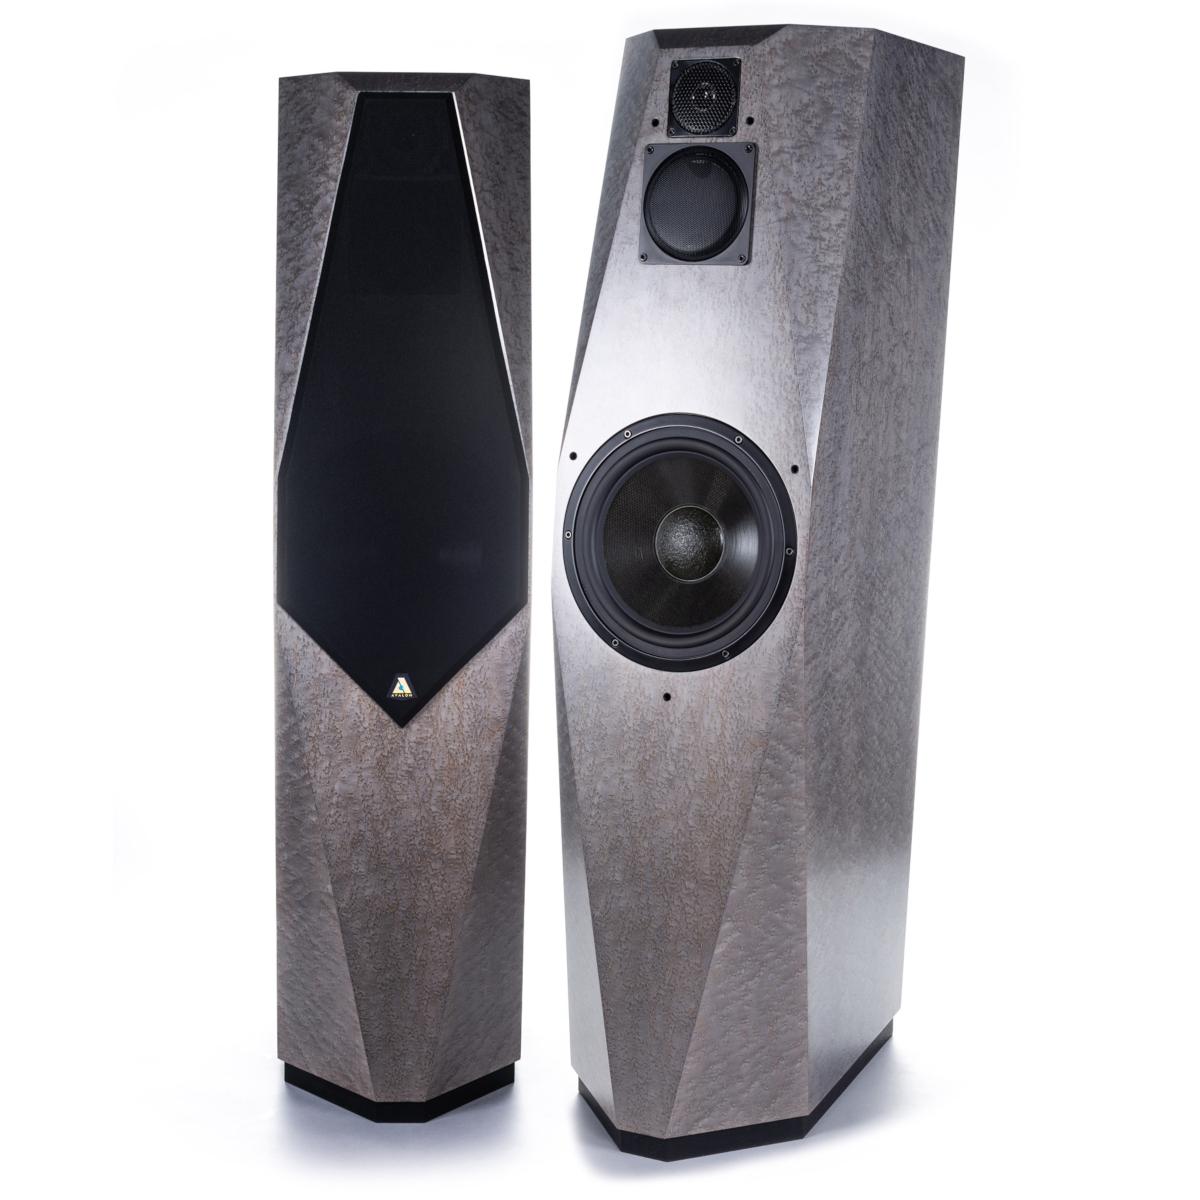 Avalon Acoustics Precision Monitor 4 グラファイト 価格お問い合わせください。 アヴァロン スピーカーシステム ペア